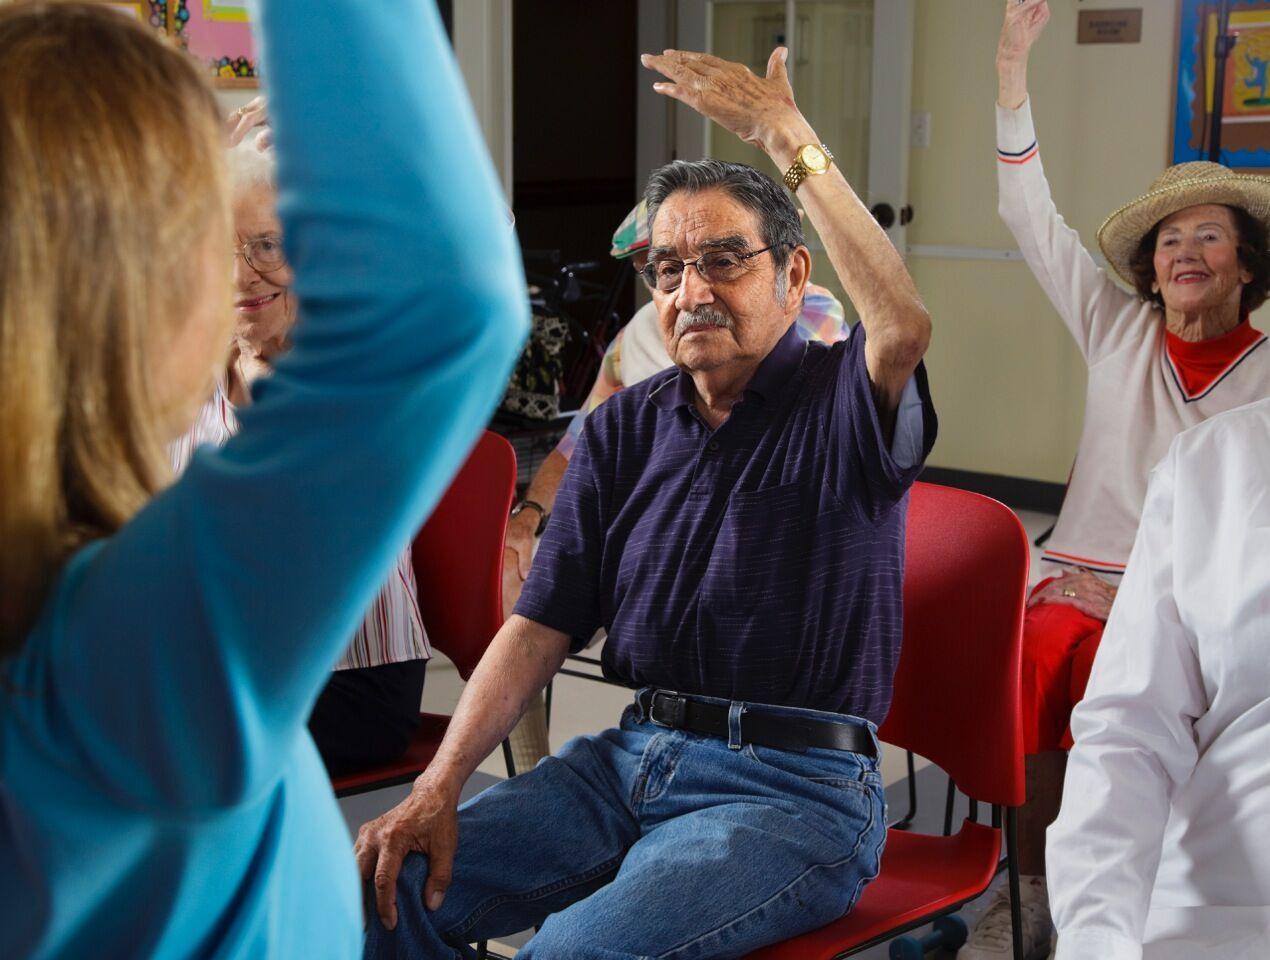 Exercise Programs for the Elderly